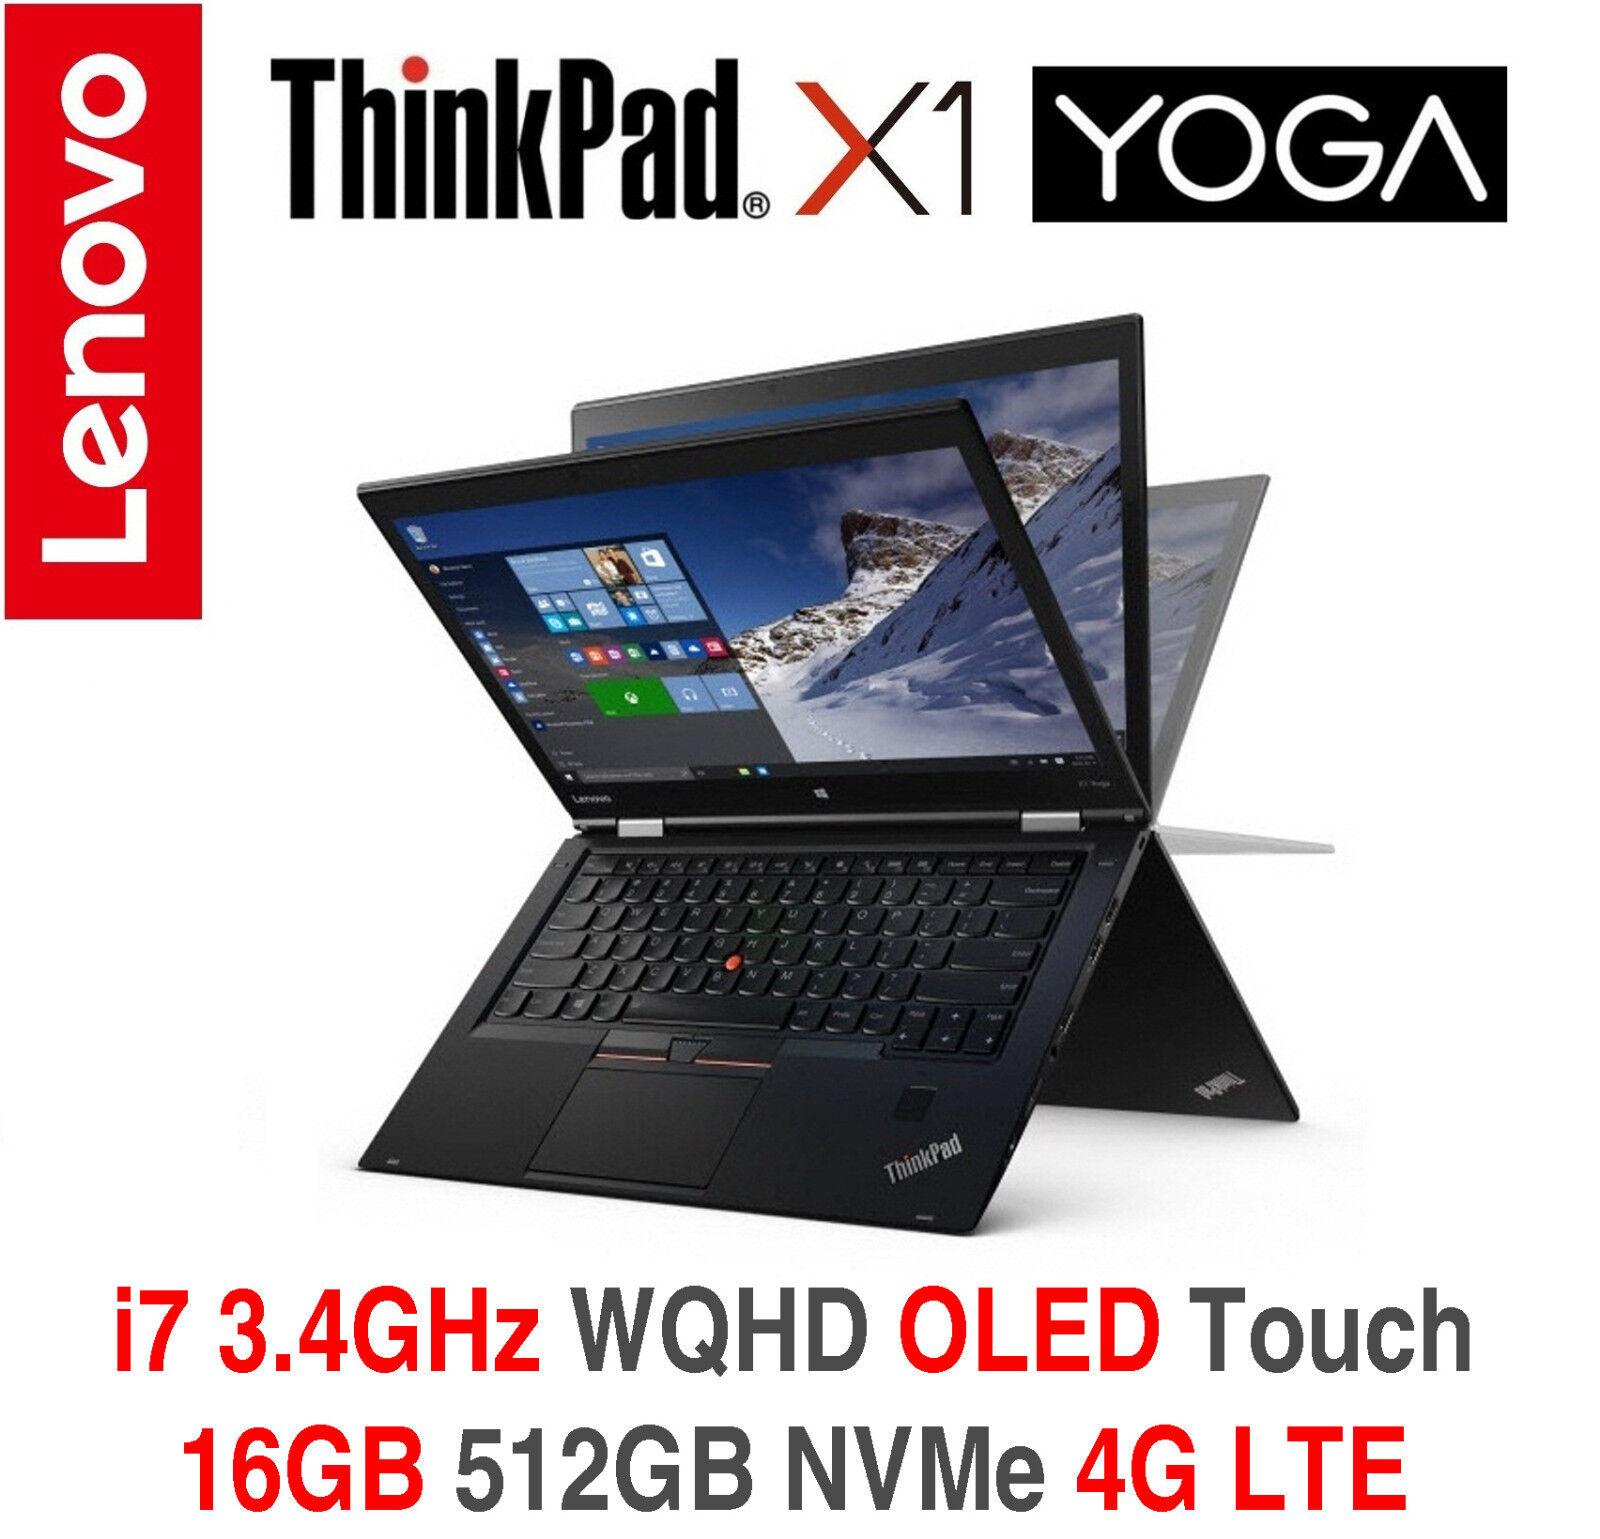 ThinkPad X1 Yoga i7 3.4GHz WQHD OLED 16GB 512GB NVMe 4G On-site + TPP Warranty